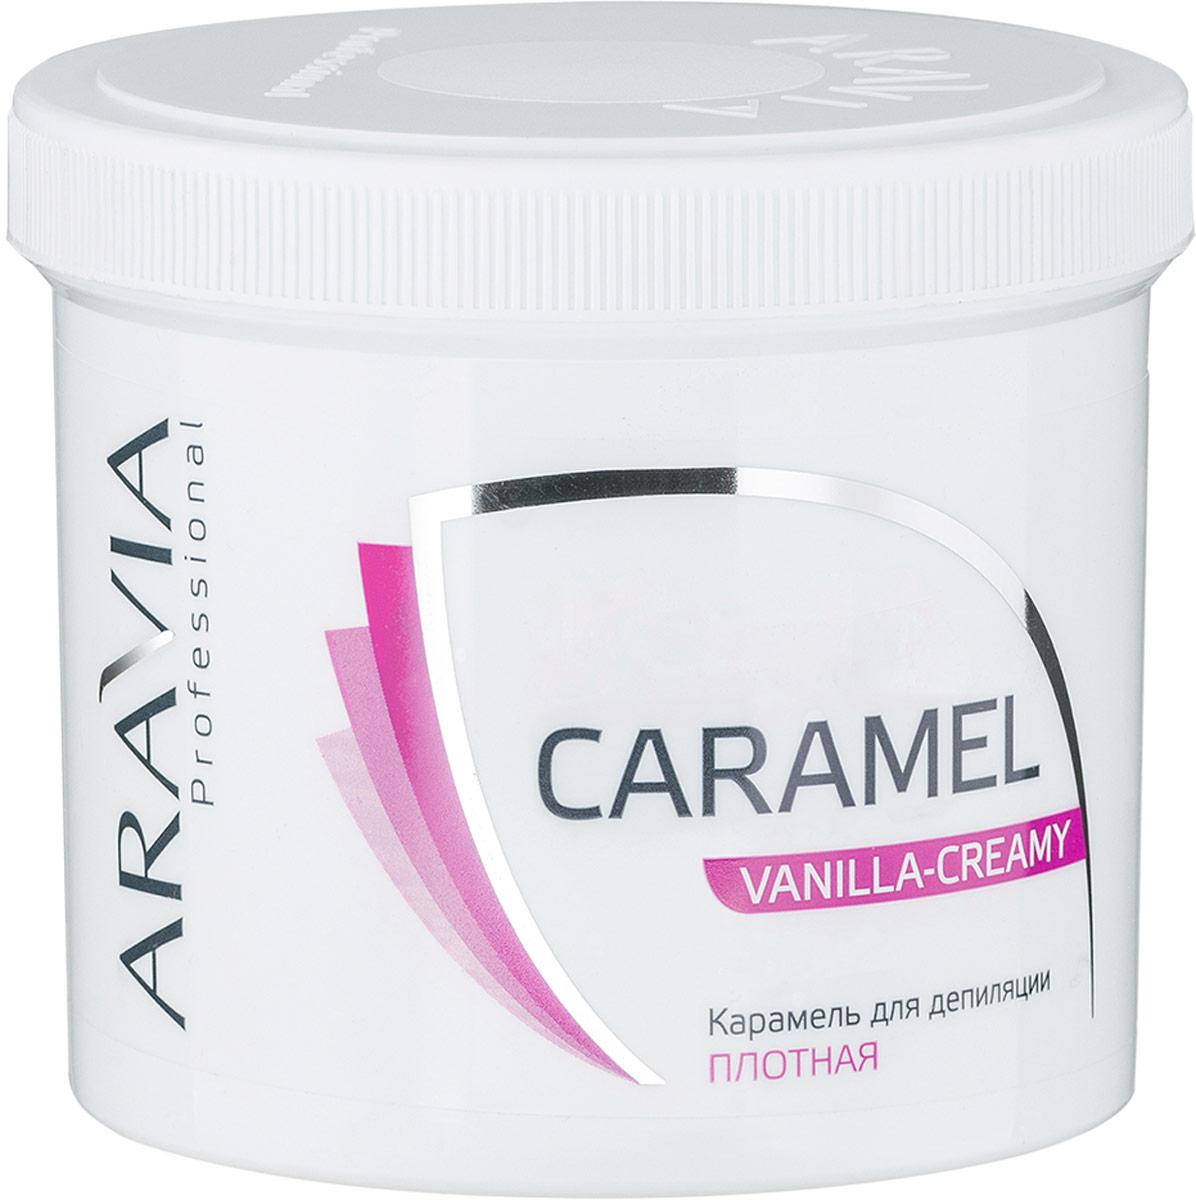 Карамель для депиляции Ванильно-сливочная плотной консистенции протеин fuze сreatine сливочная карамель 750 г